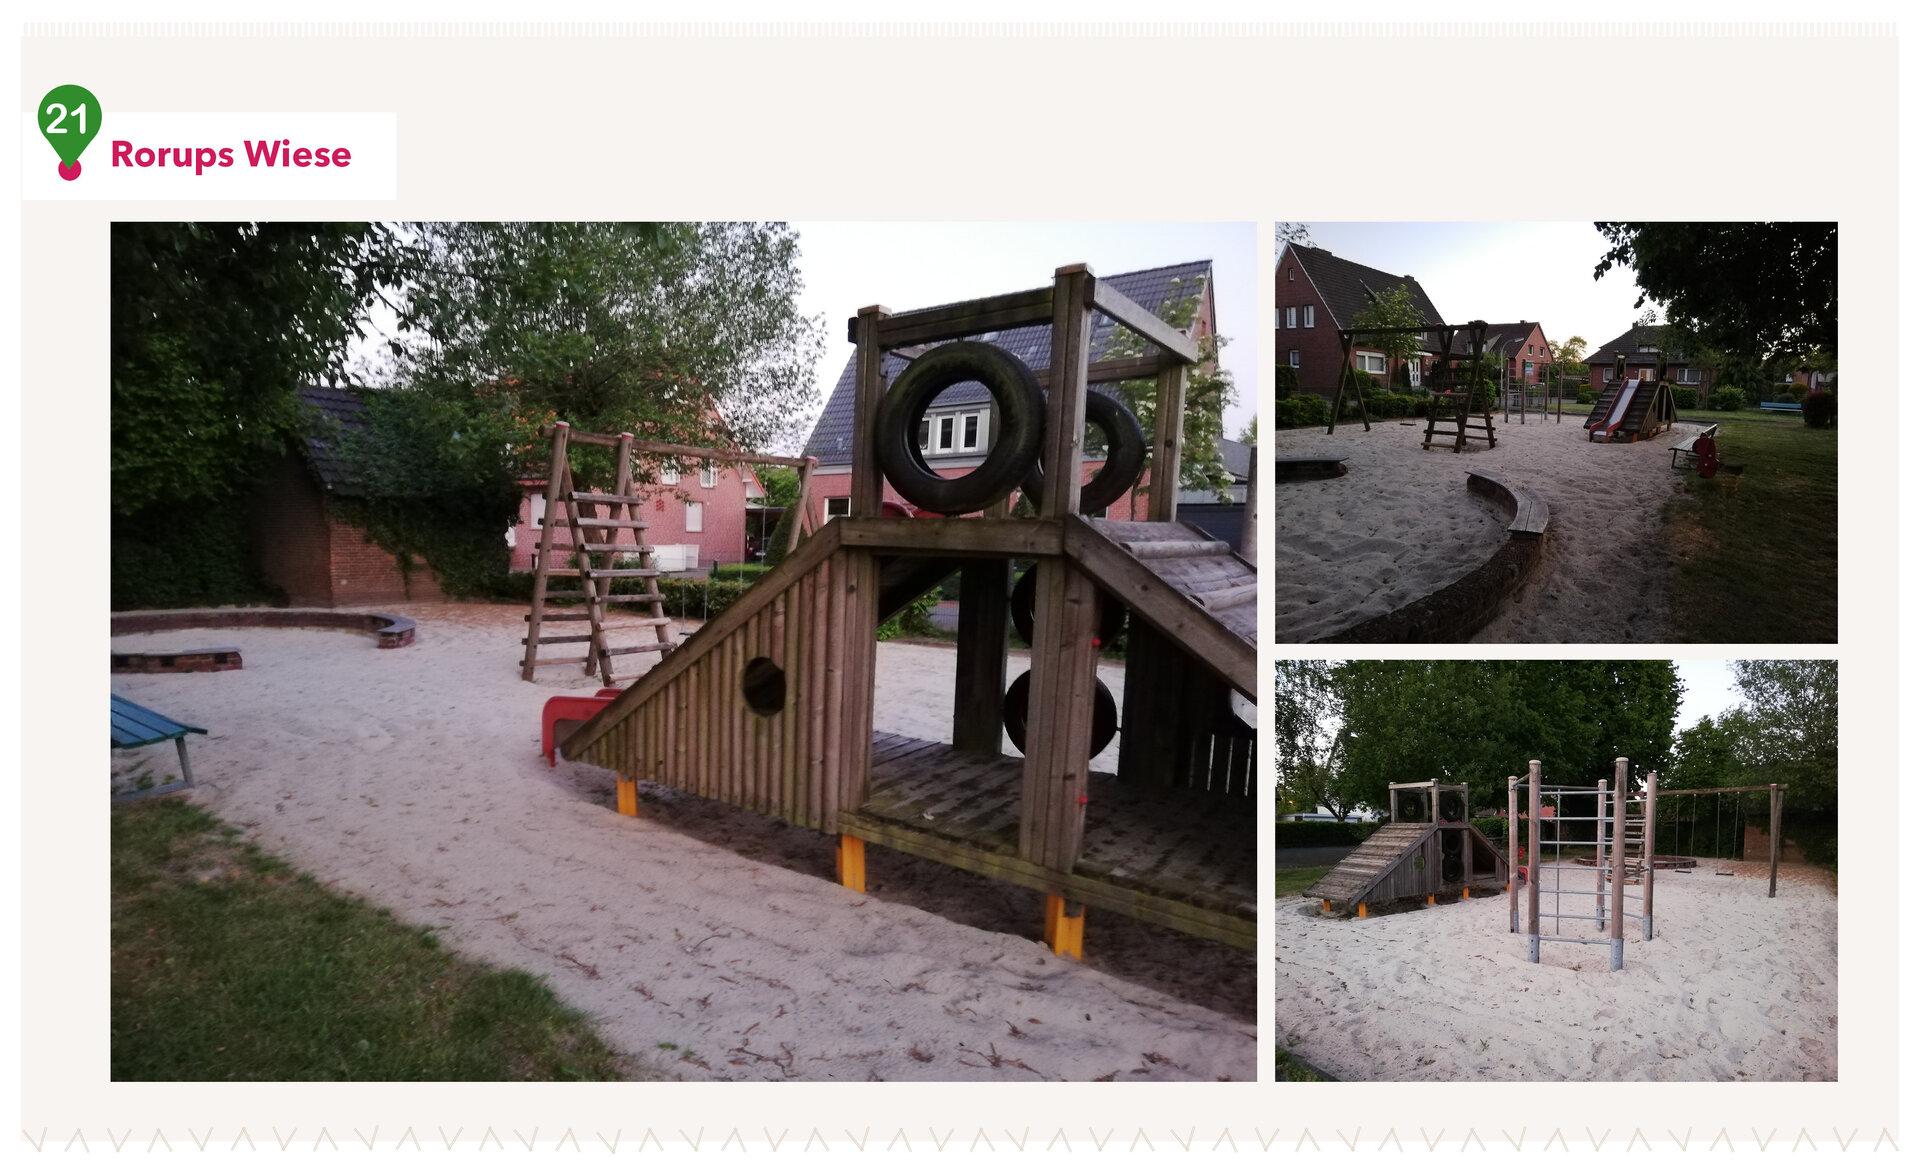 Spielplatz Rorups Wiese